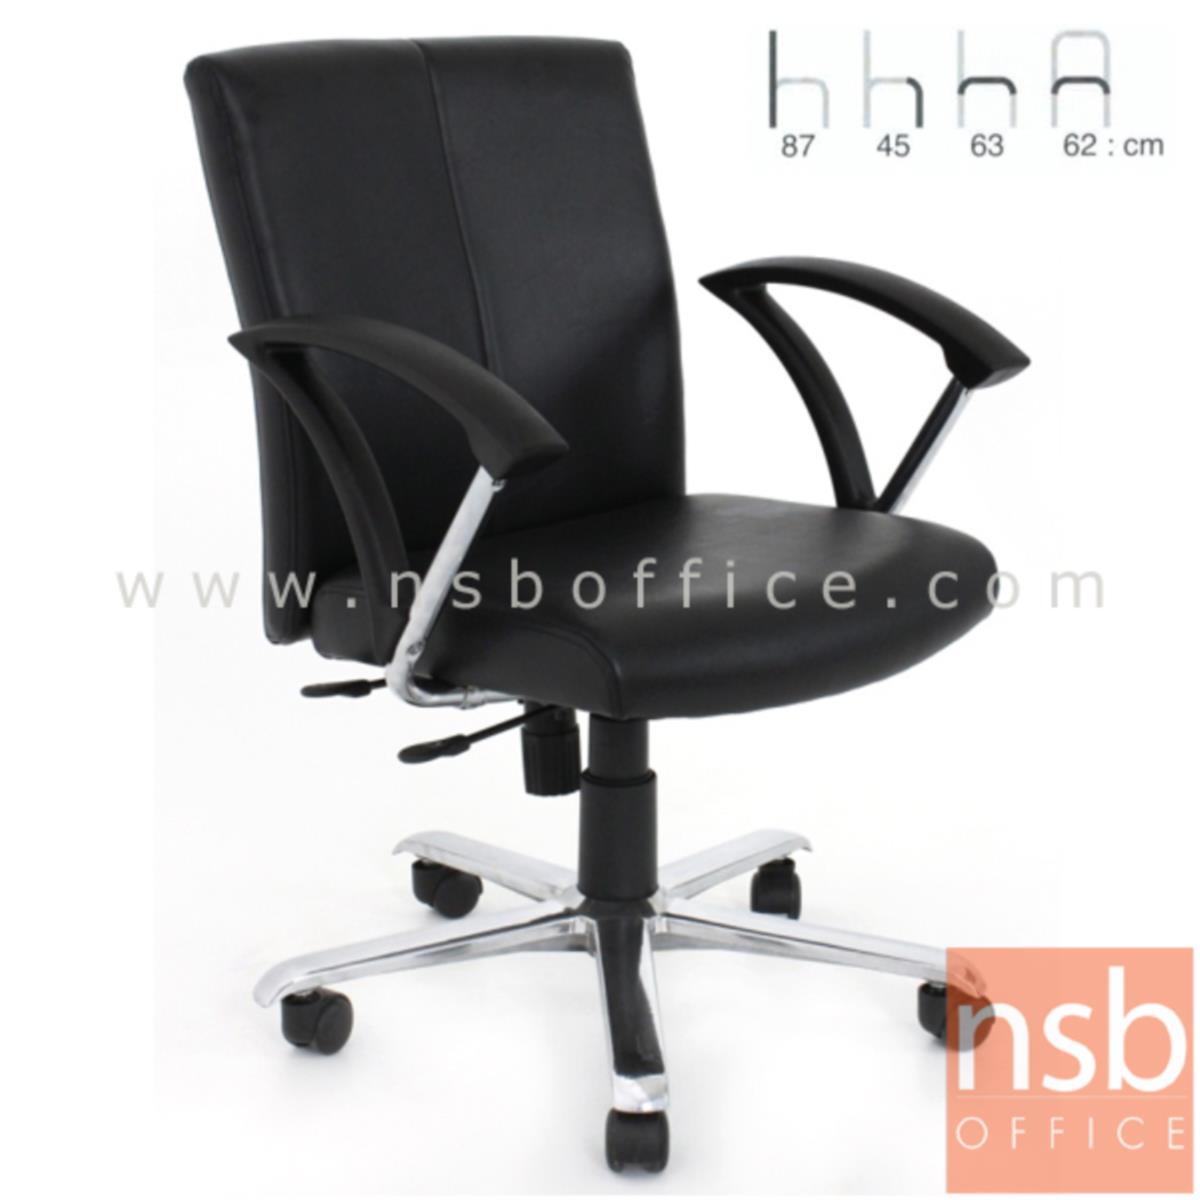 B28A016:เก้าอี้สำนักงาน รุ่น Skoda (สโกด้า)  โช๊คแก๊ส มีก้อนโยก ขาเหล็กชุบโครเมี่ยม